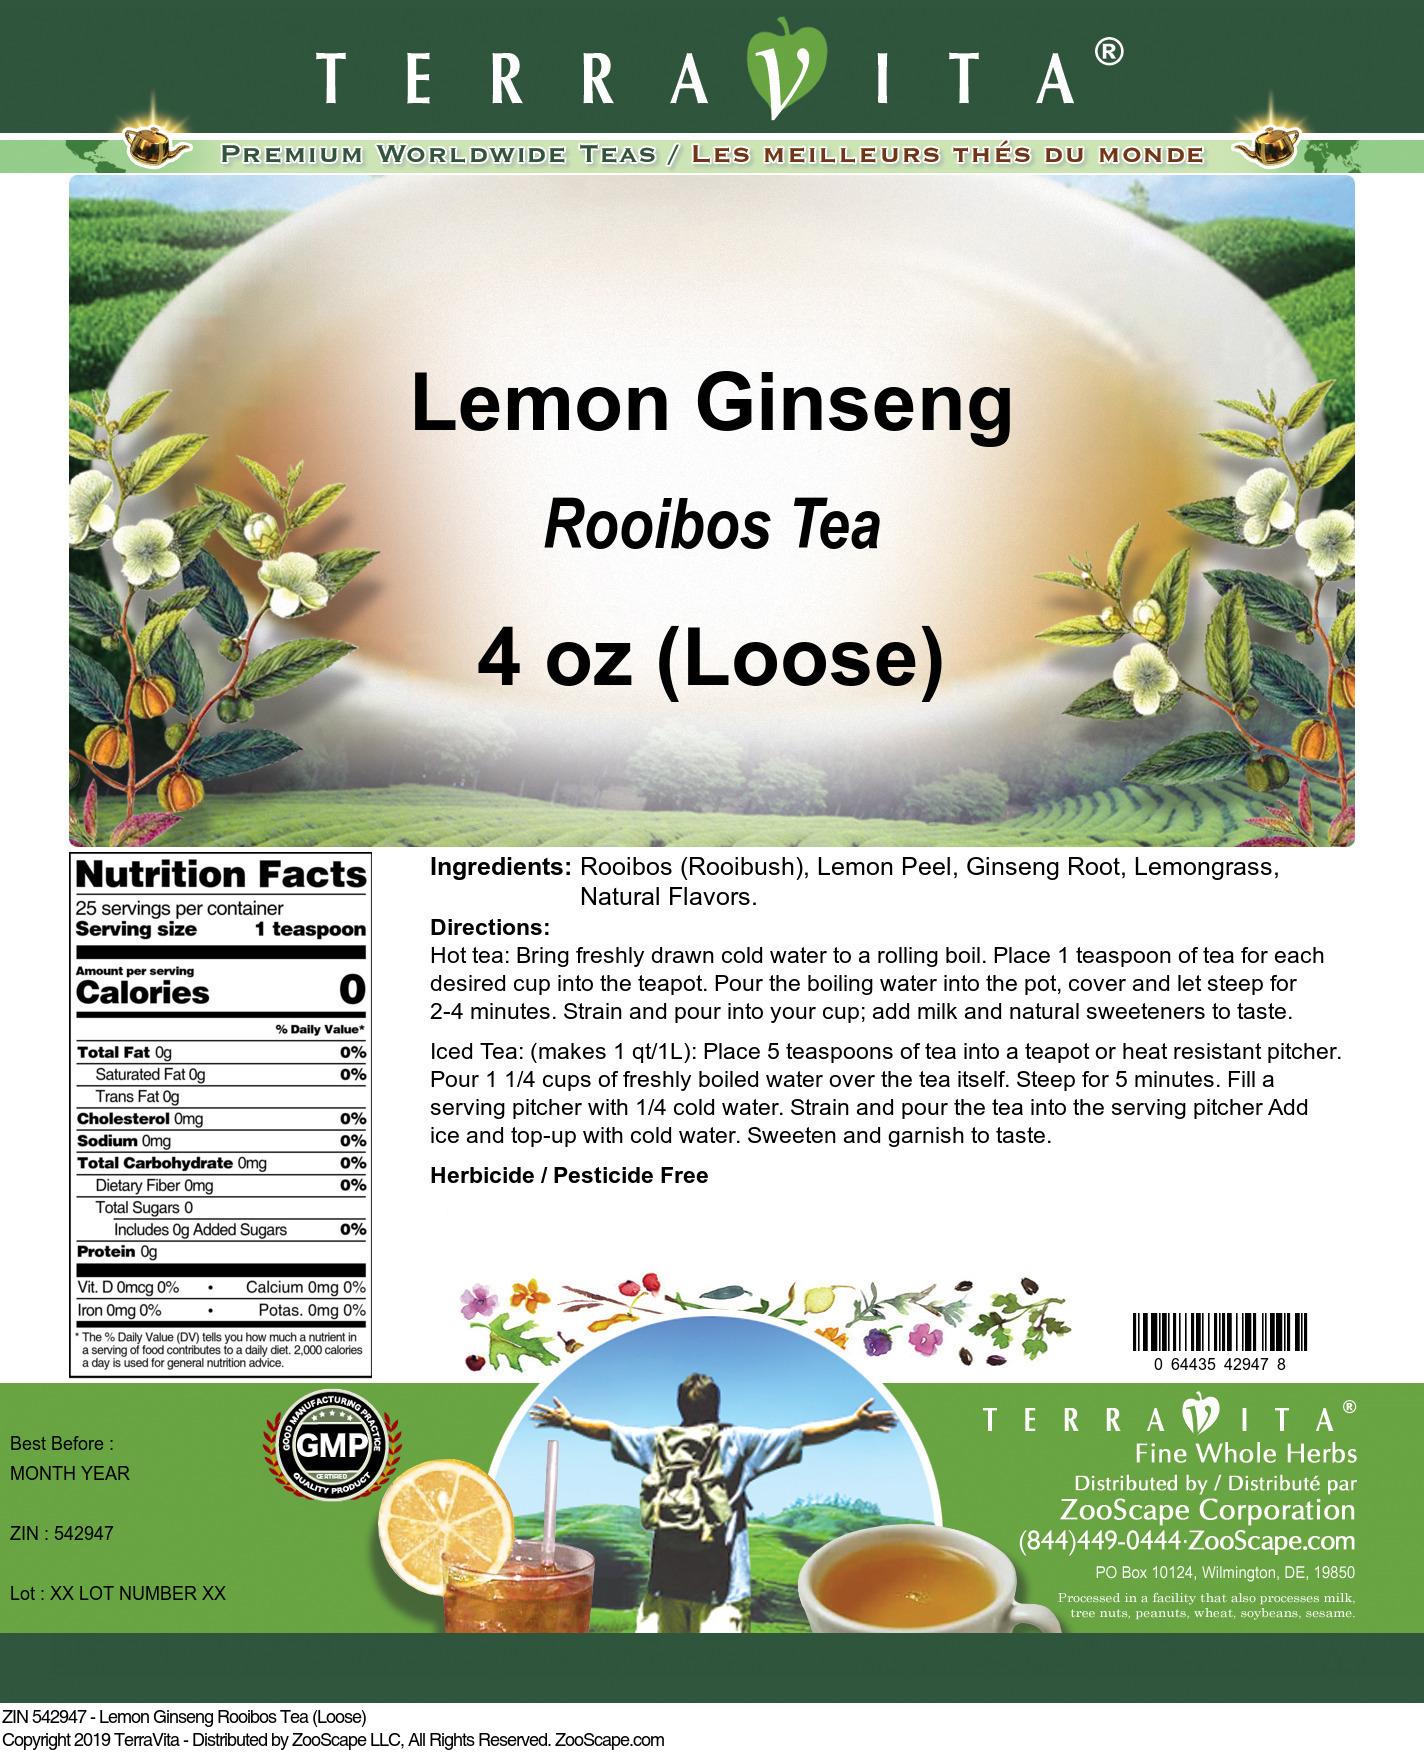 Lemon Ginseng Rooibos Tea (Loose)